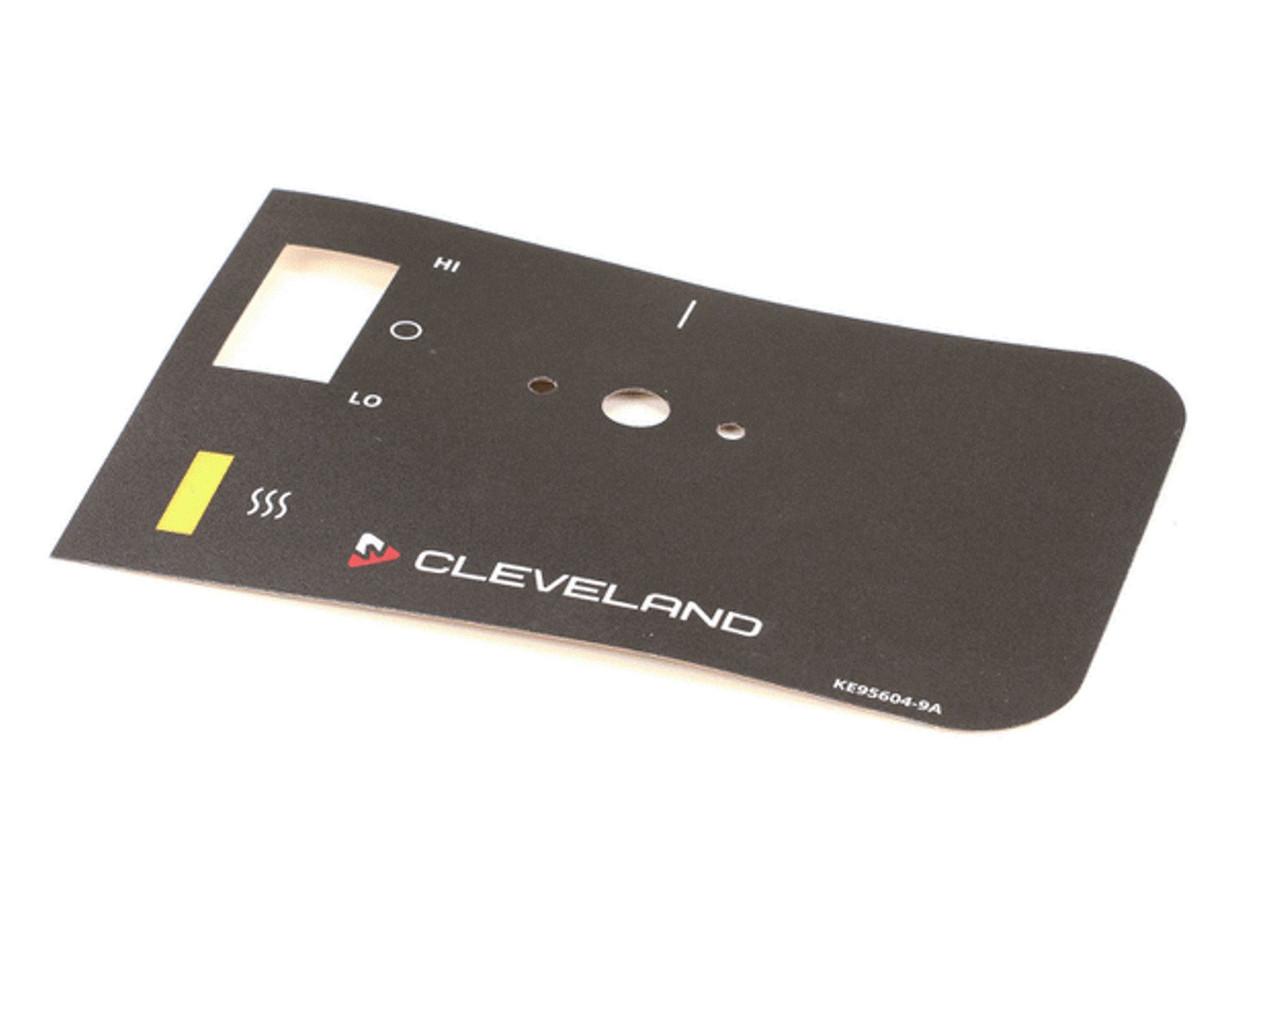 Cleveland Operating Label Overlay CLEKE95604-9